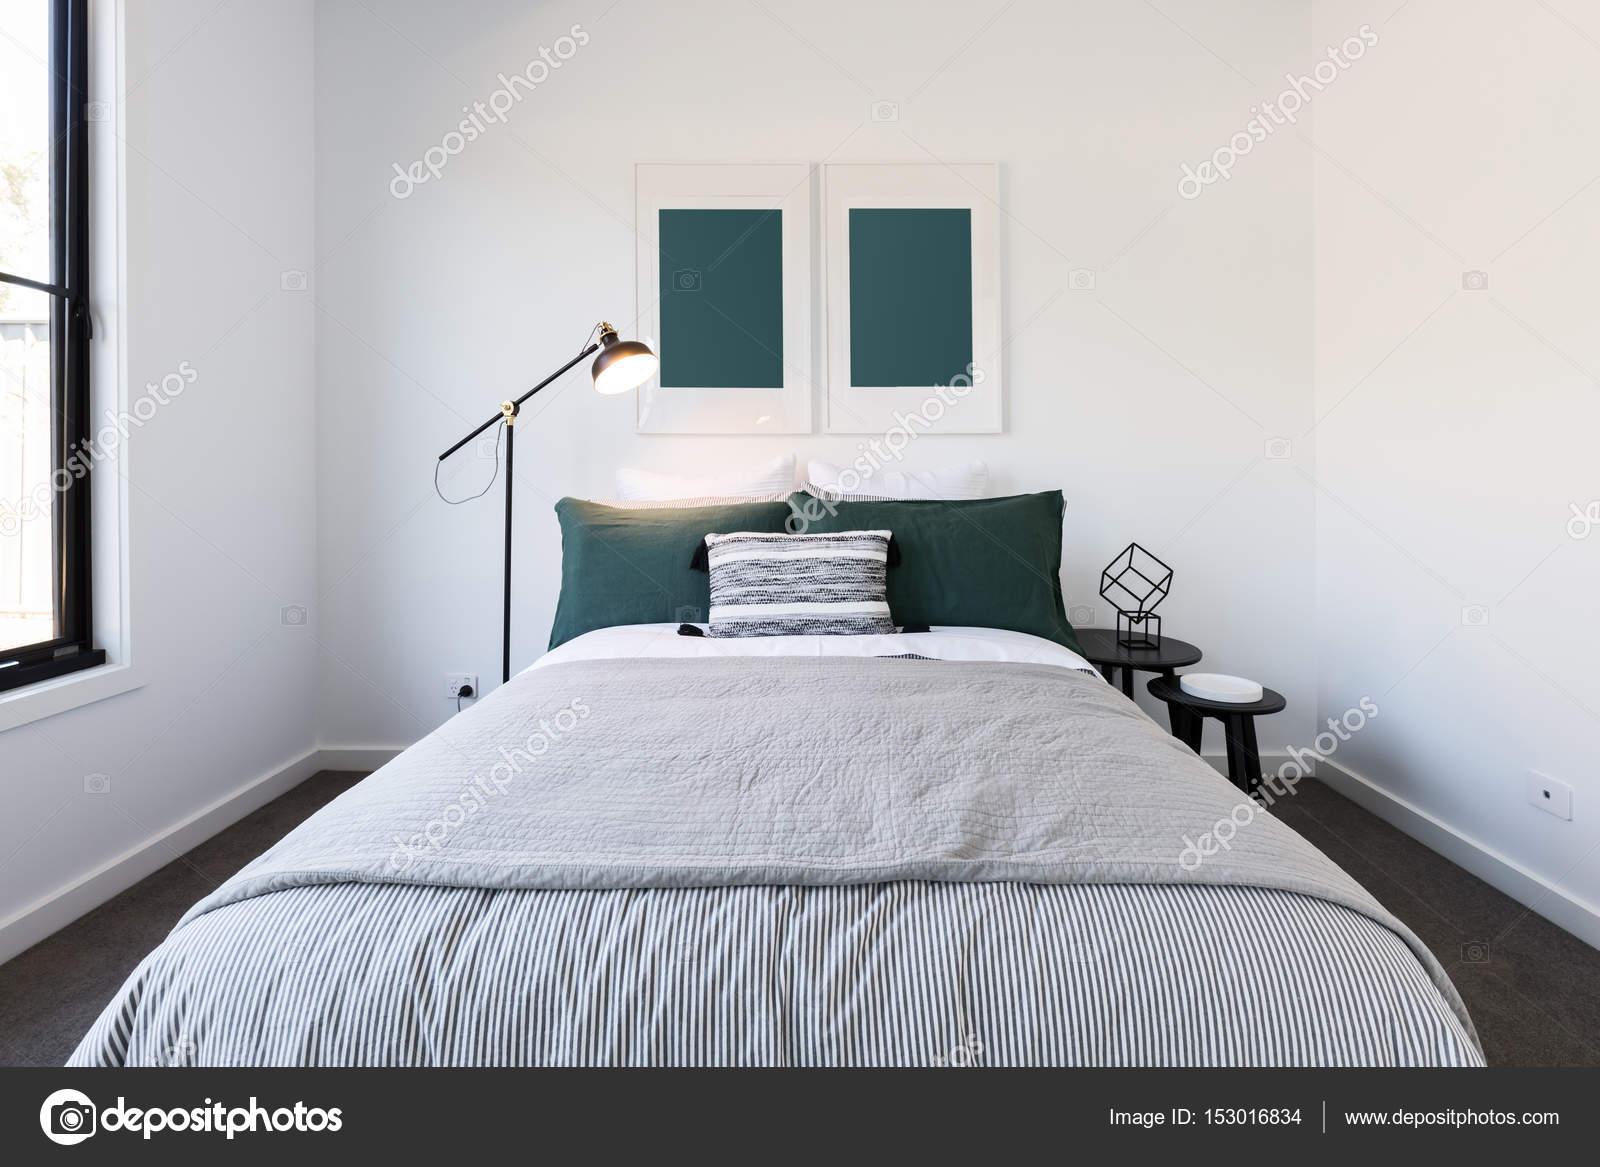 Slaapkamer Groen Wit : Groene en witte luxe slaapkamer u stockfoto jodiejohnson